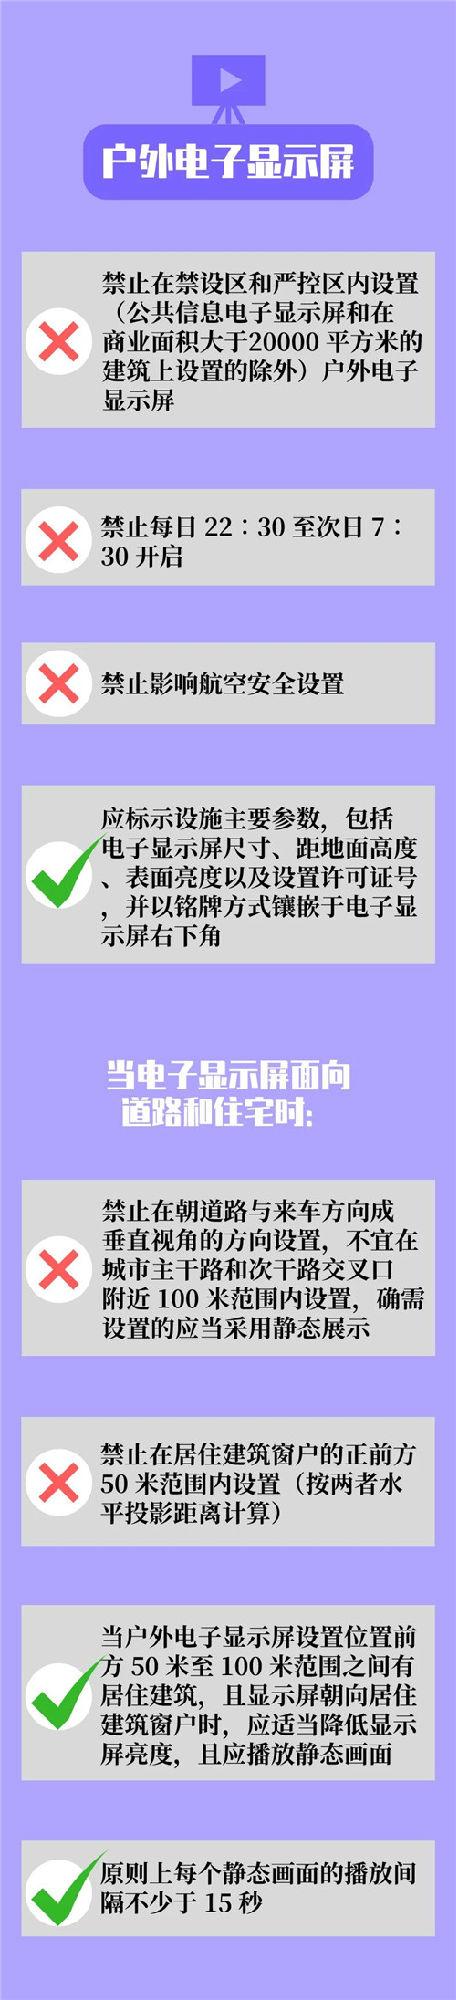 广州户外广告新规来了 9.jpg